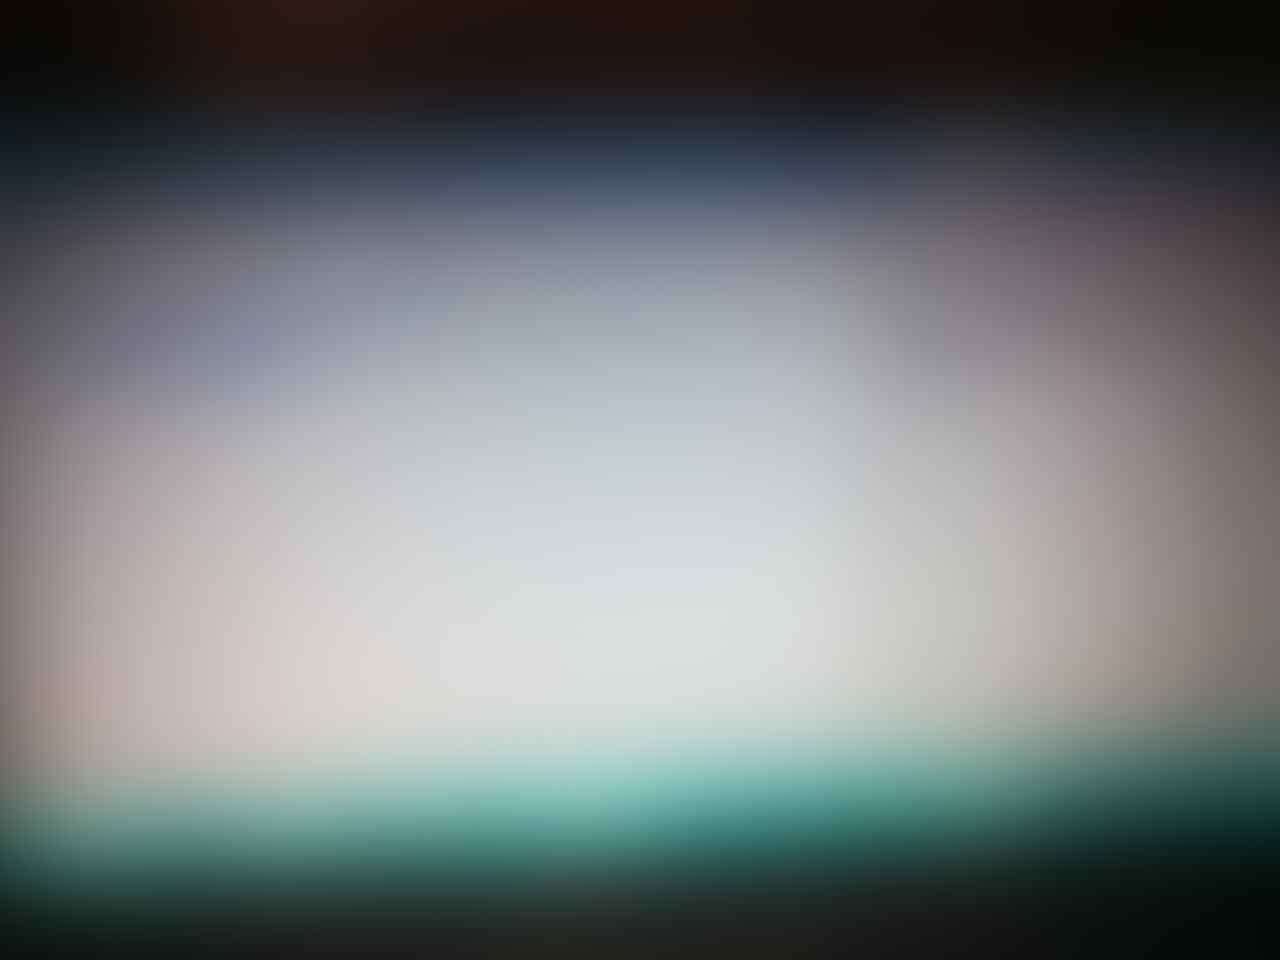 [ASK] Splash Screen AXIOO Neon HNM Stuck, Tidak Otomatis Masuk ke OS